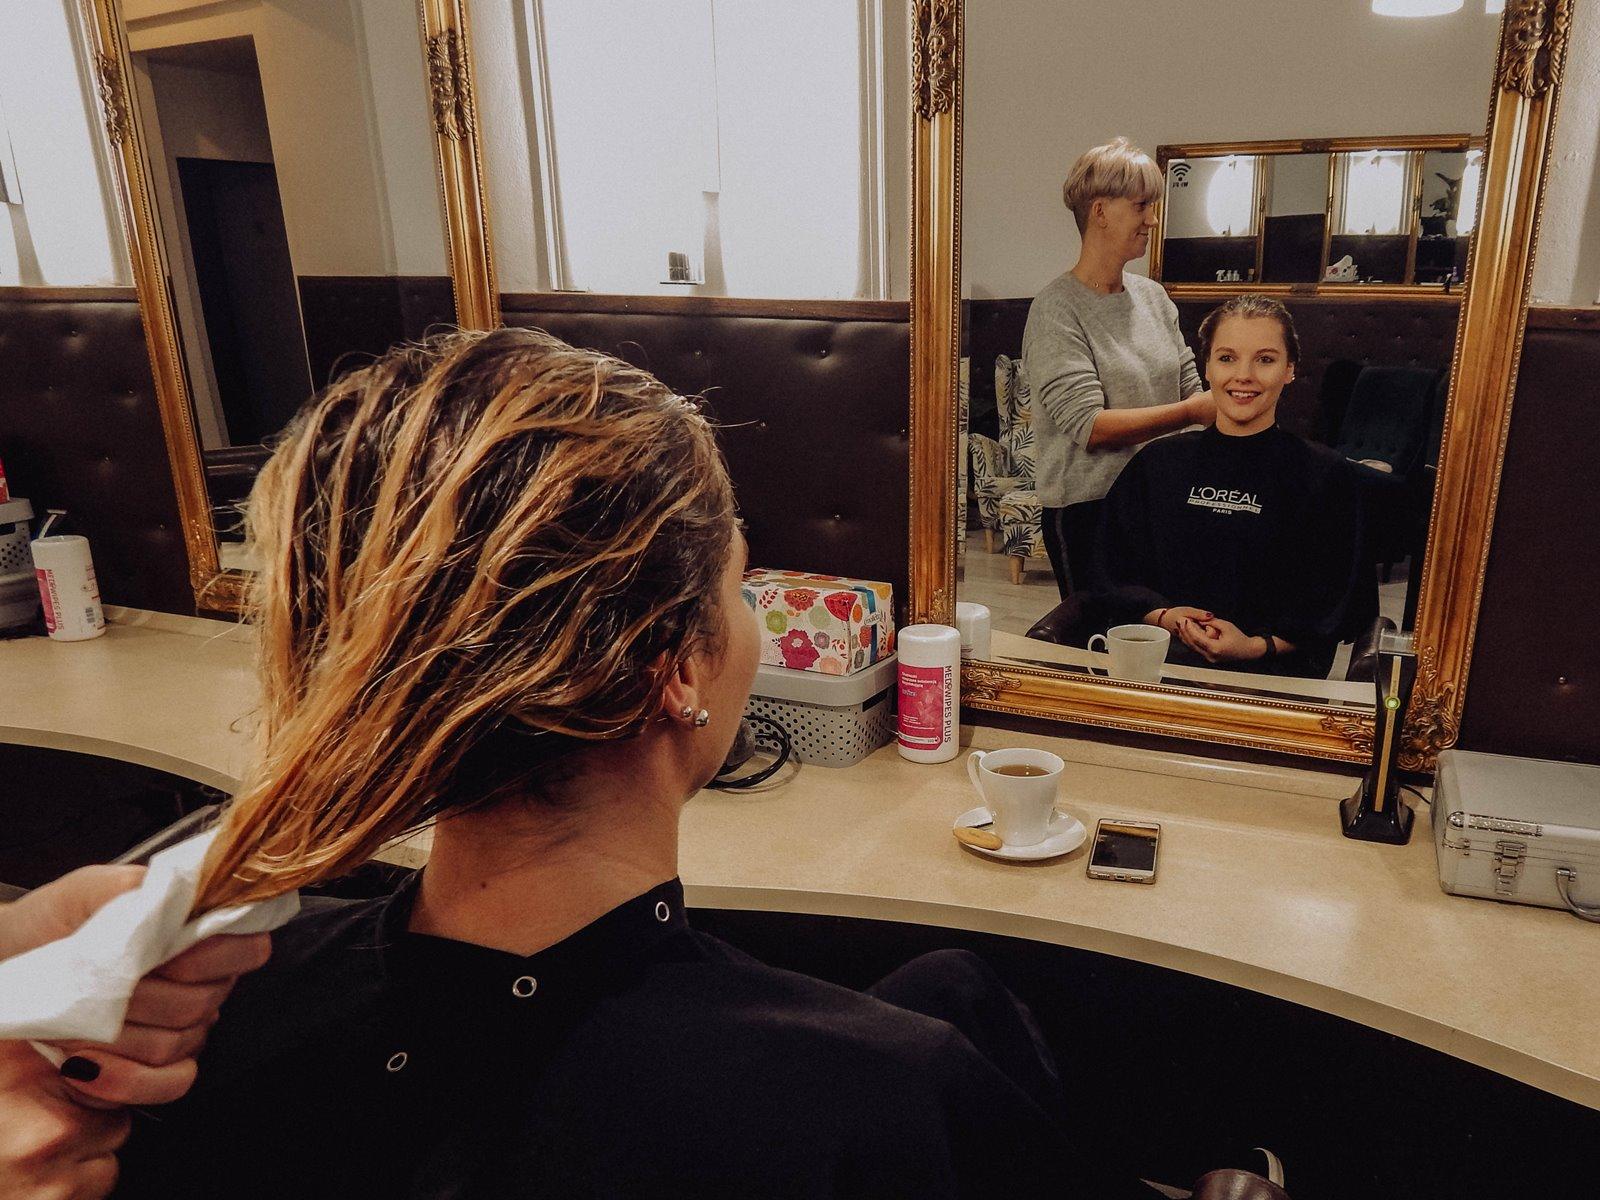 wsuwka łódź pracownia wizerunku najlepszy salon fryzjerki w łodzi, gdzie do fryzjera w łodzi zabiegi pielęgnacyjne opinie recenzje, relacje sauna koszt spa dla włosów jak odżywić włosy  rytuał pielęgnacyjny kerastase